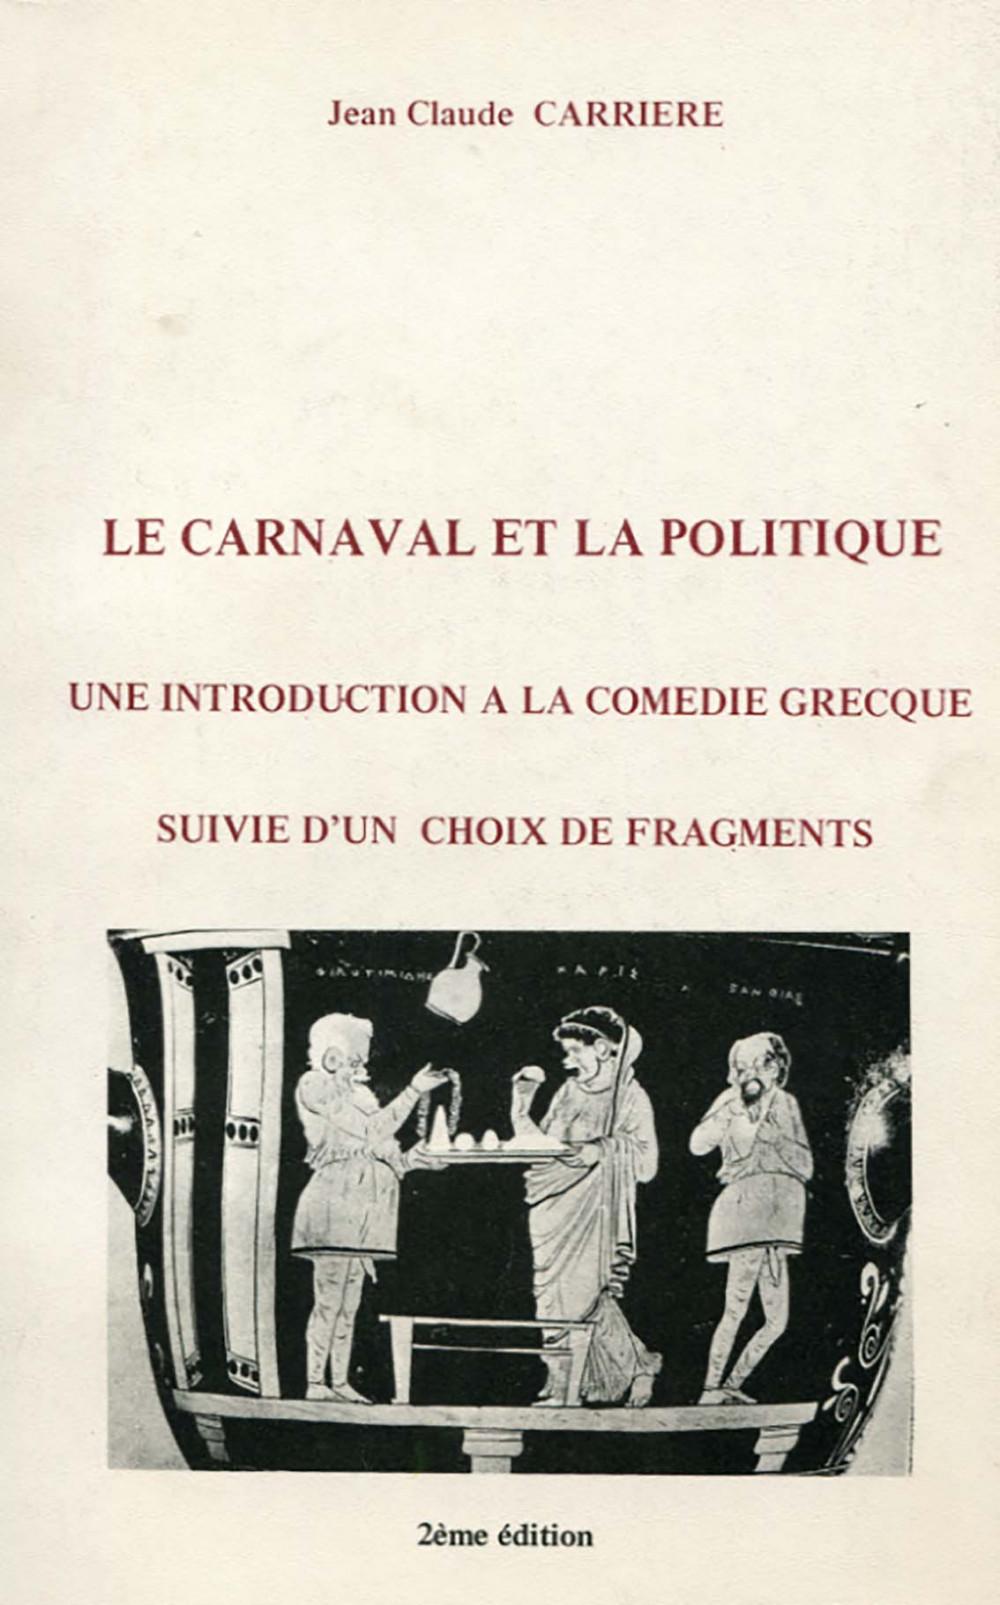 Le carnaval et la politique